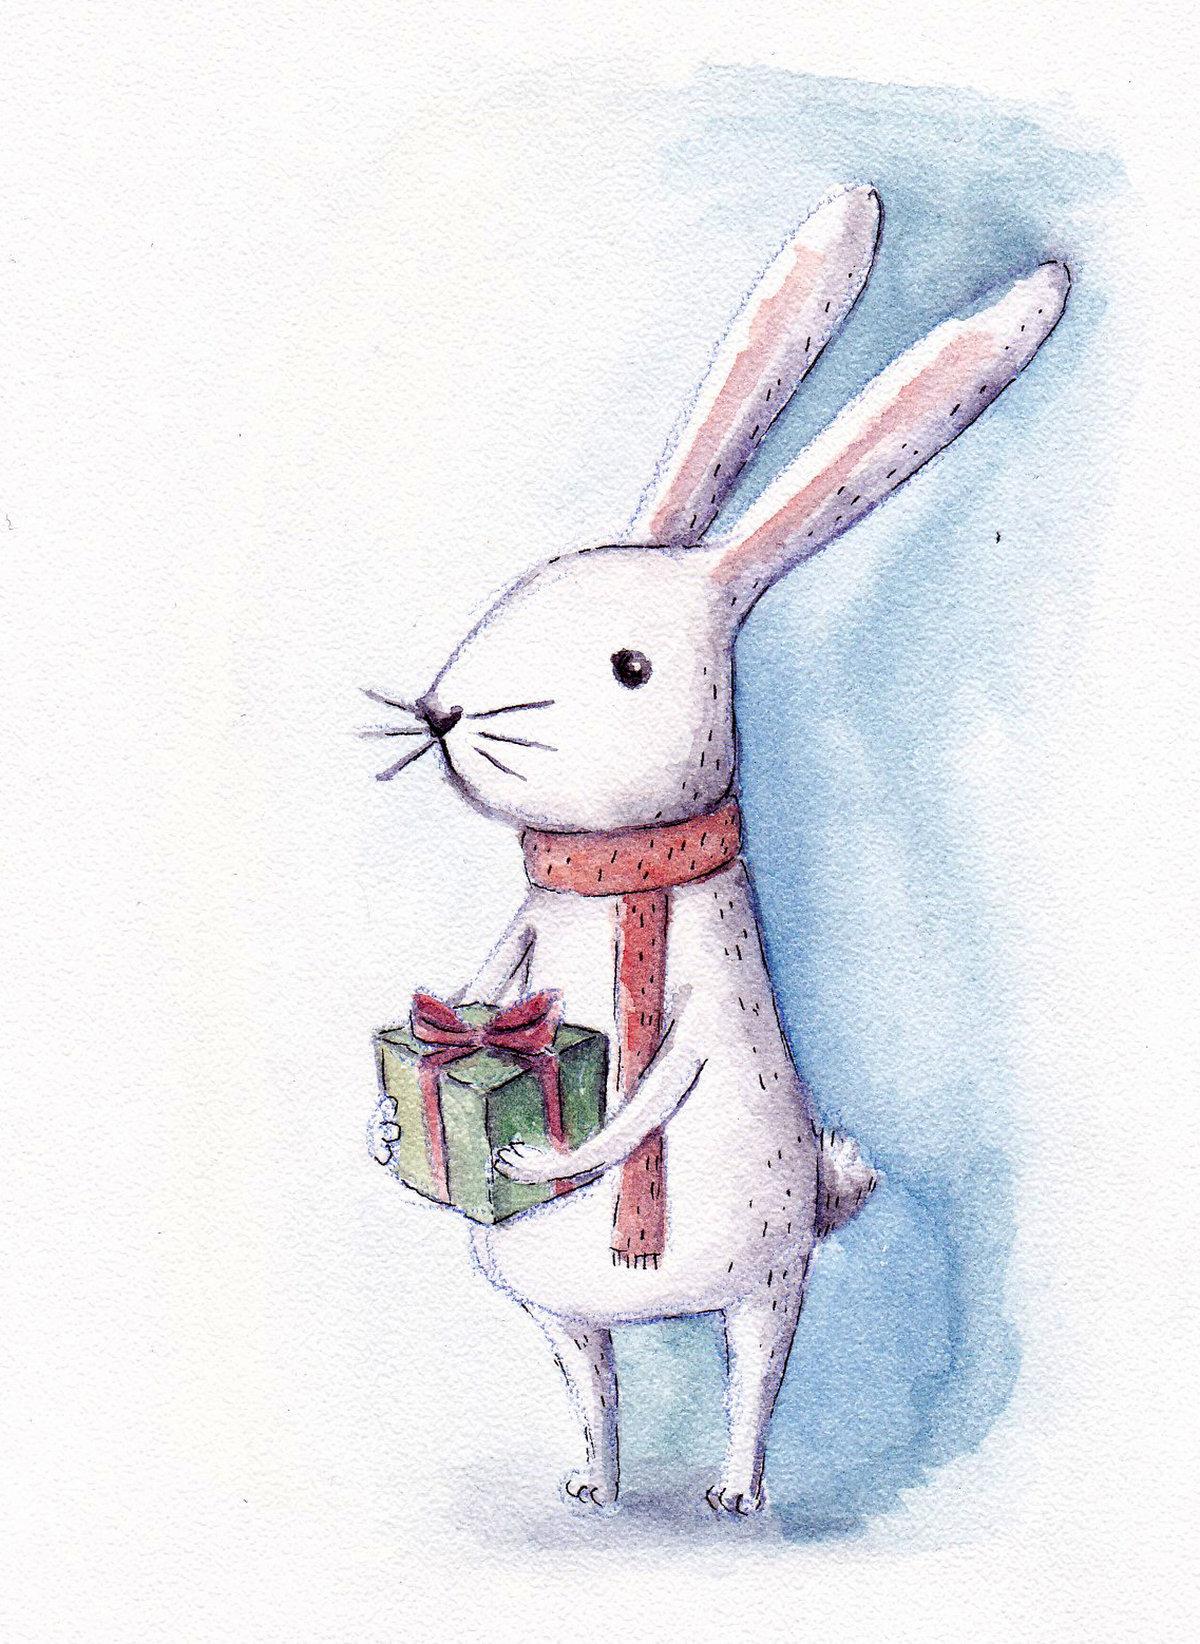 Прикольные открытки с днем рождения с кроликами, ведьмочки